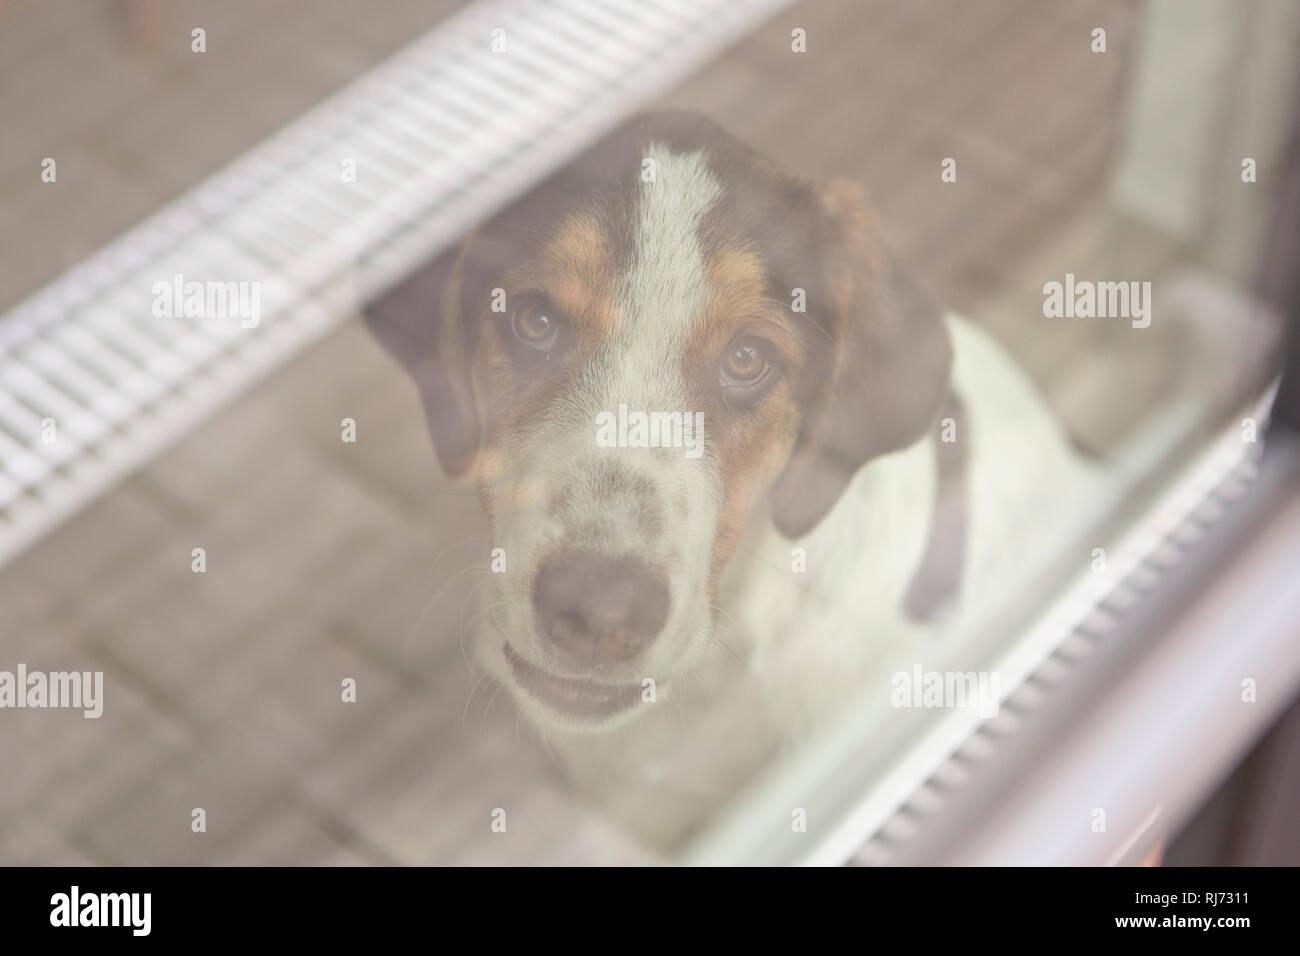 Fenster, Welpe, Blick Kamera, Porträt, - Stock Image